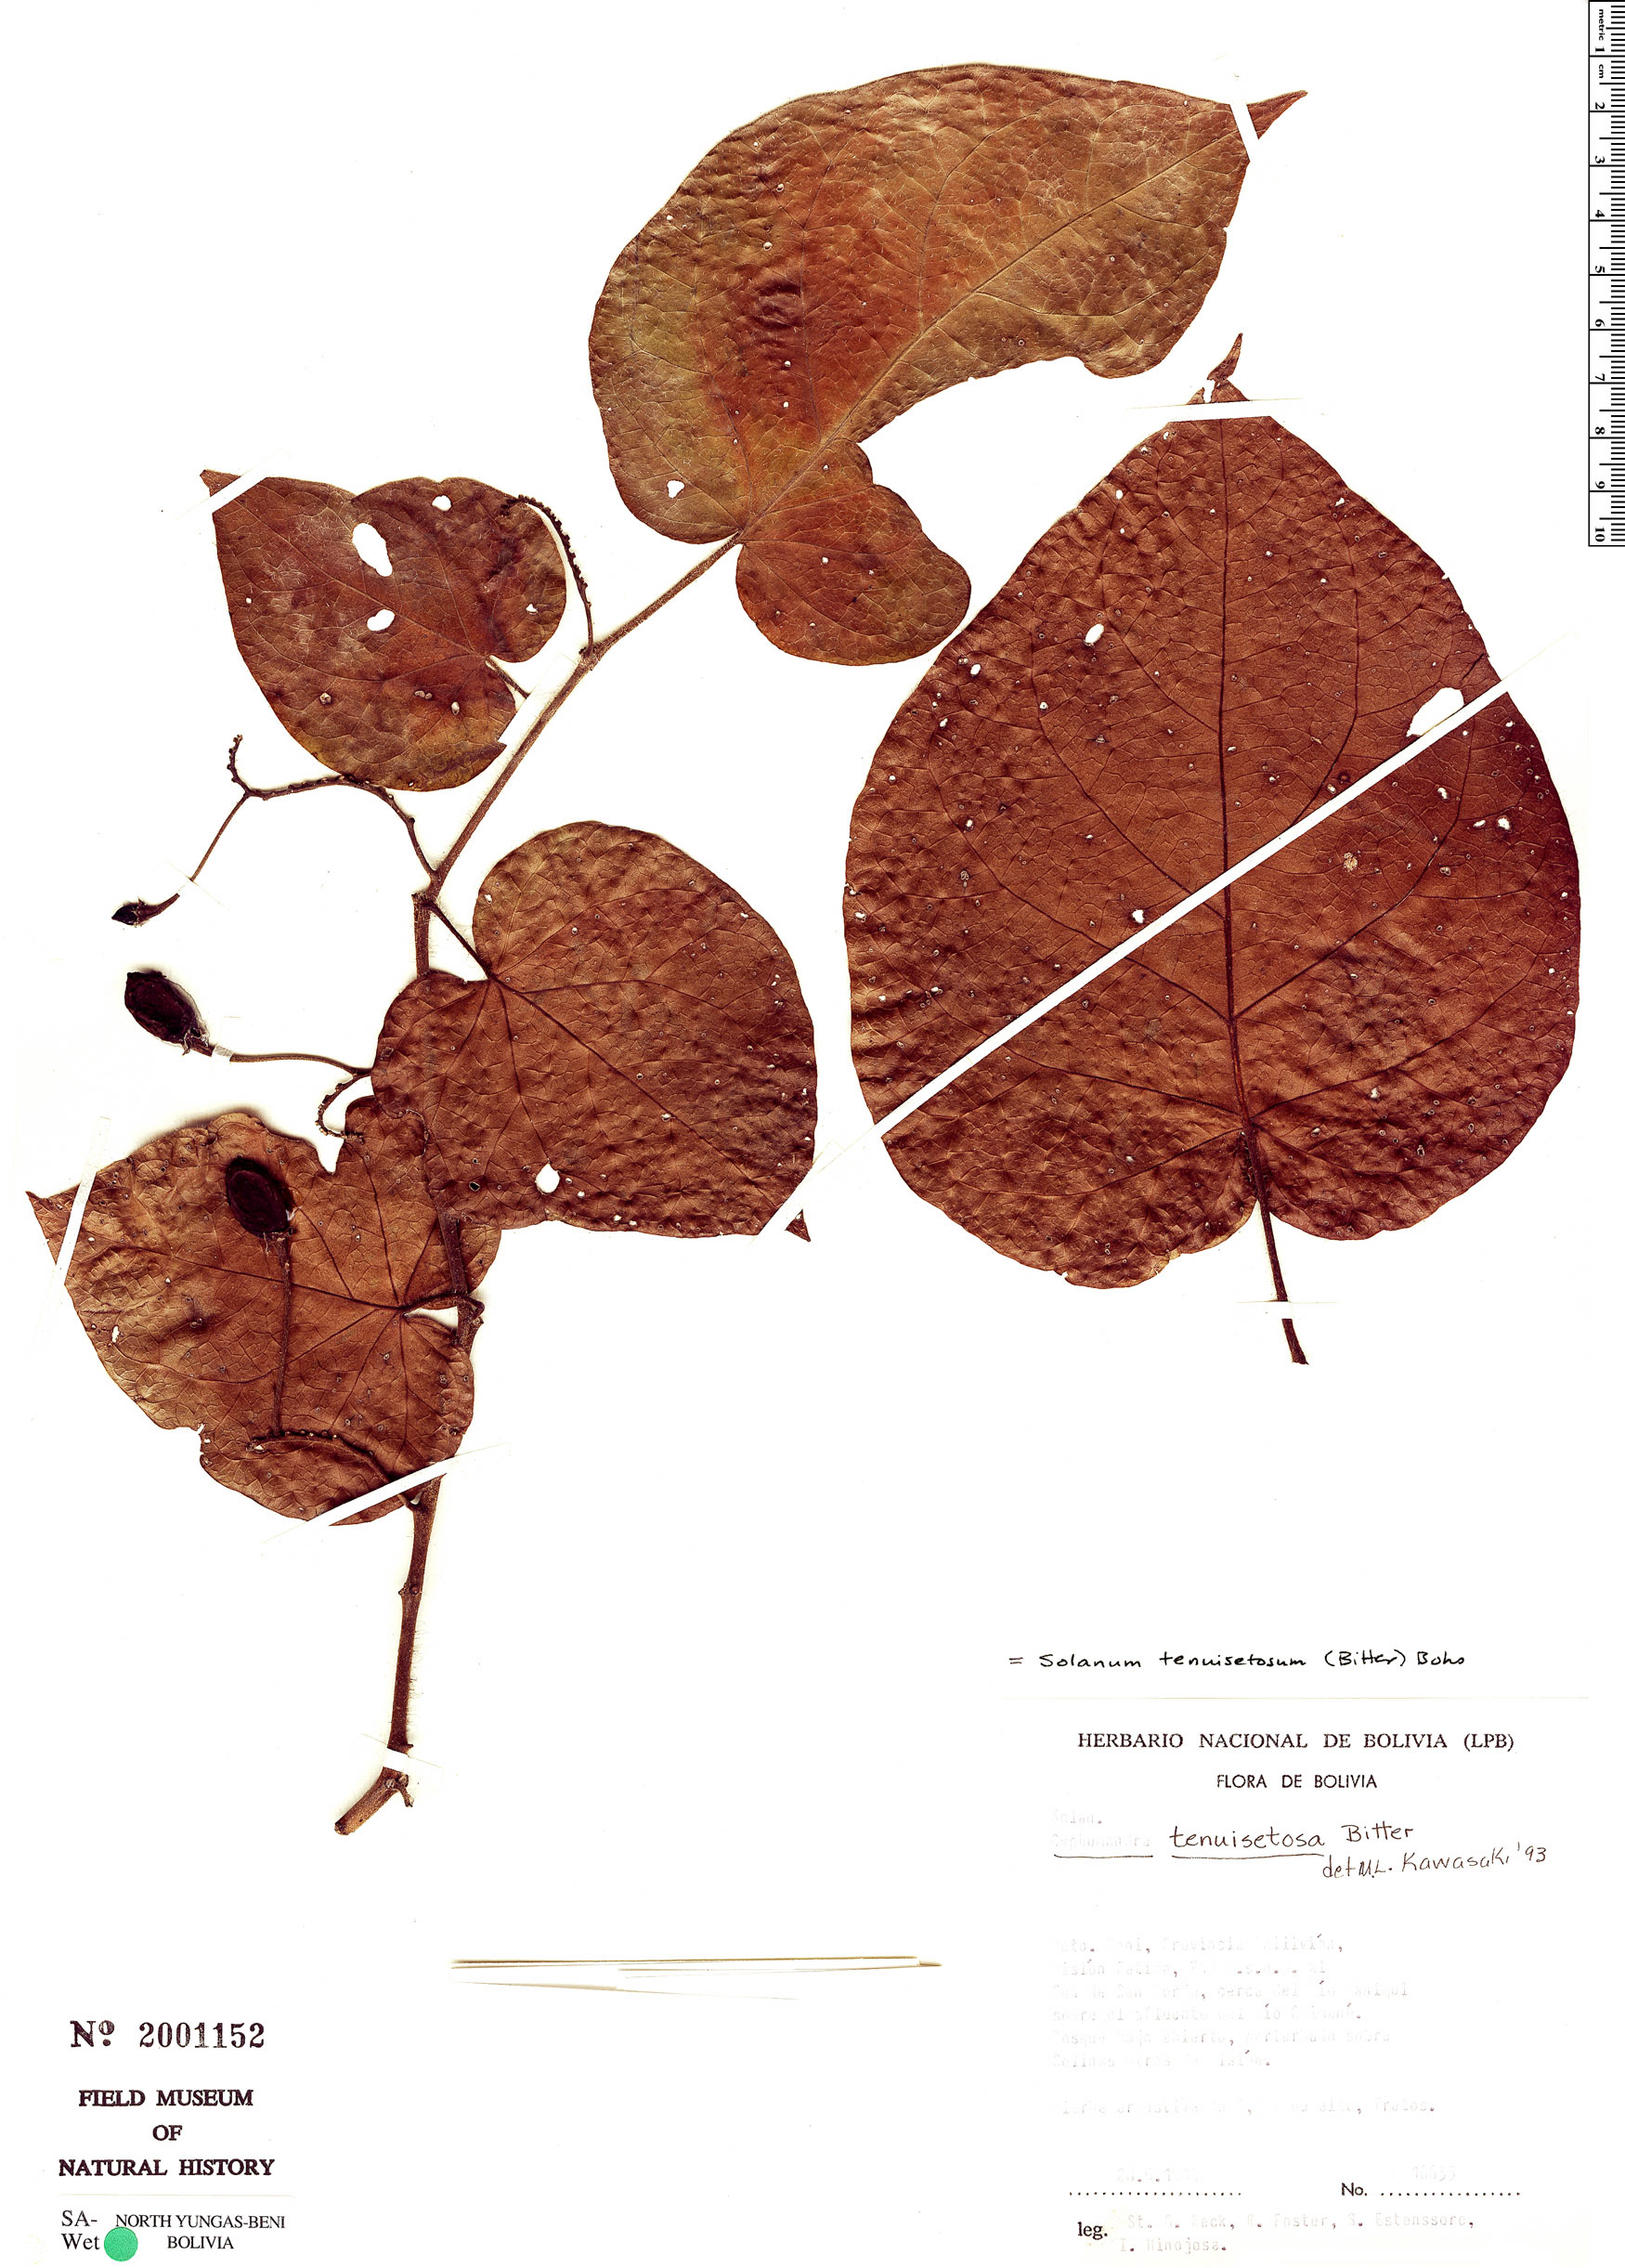 Specimen: Solanum tenuisetosum